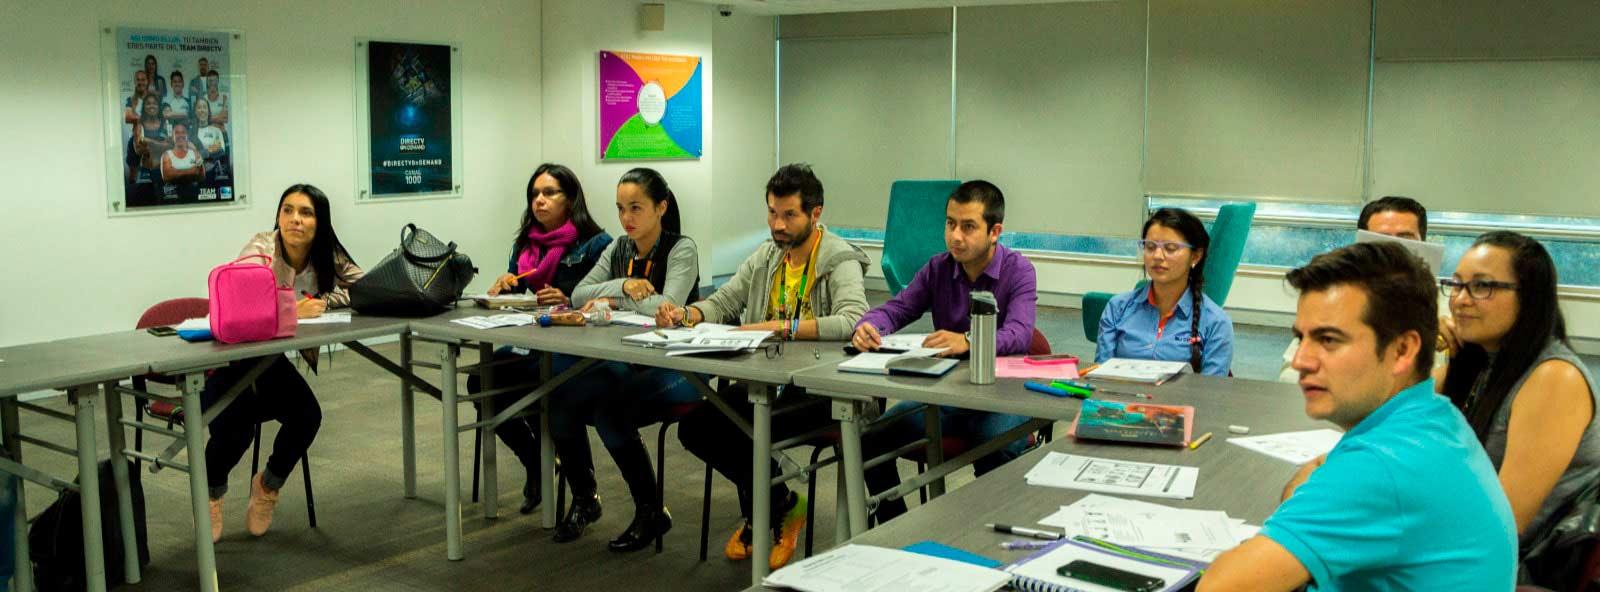 Cursos de Ingles para Empresas en Bogotá